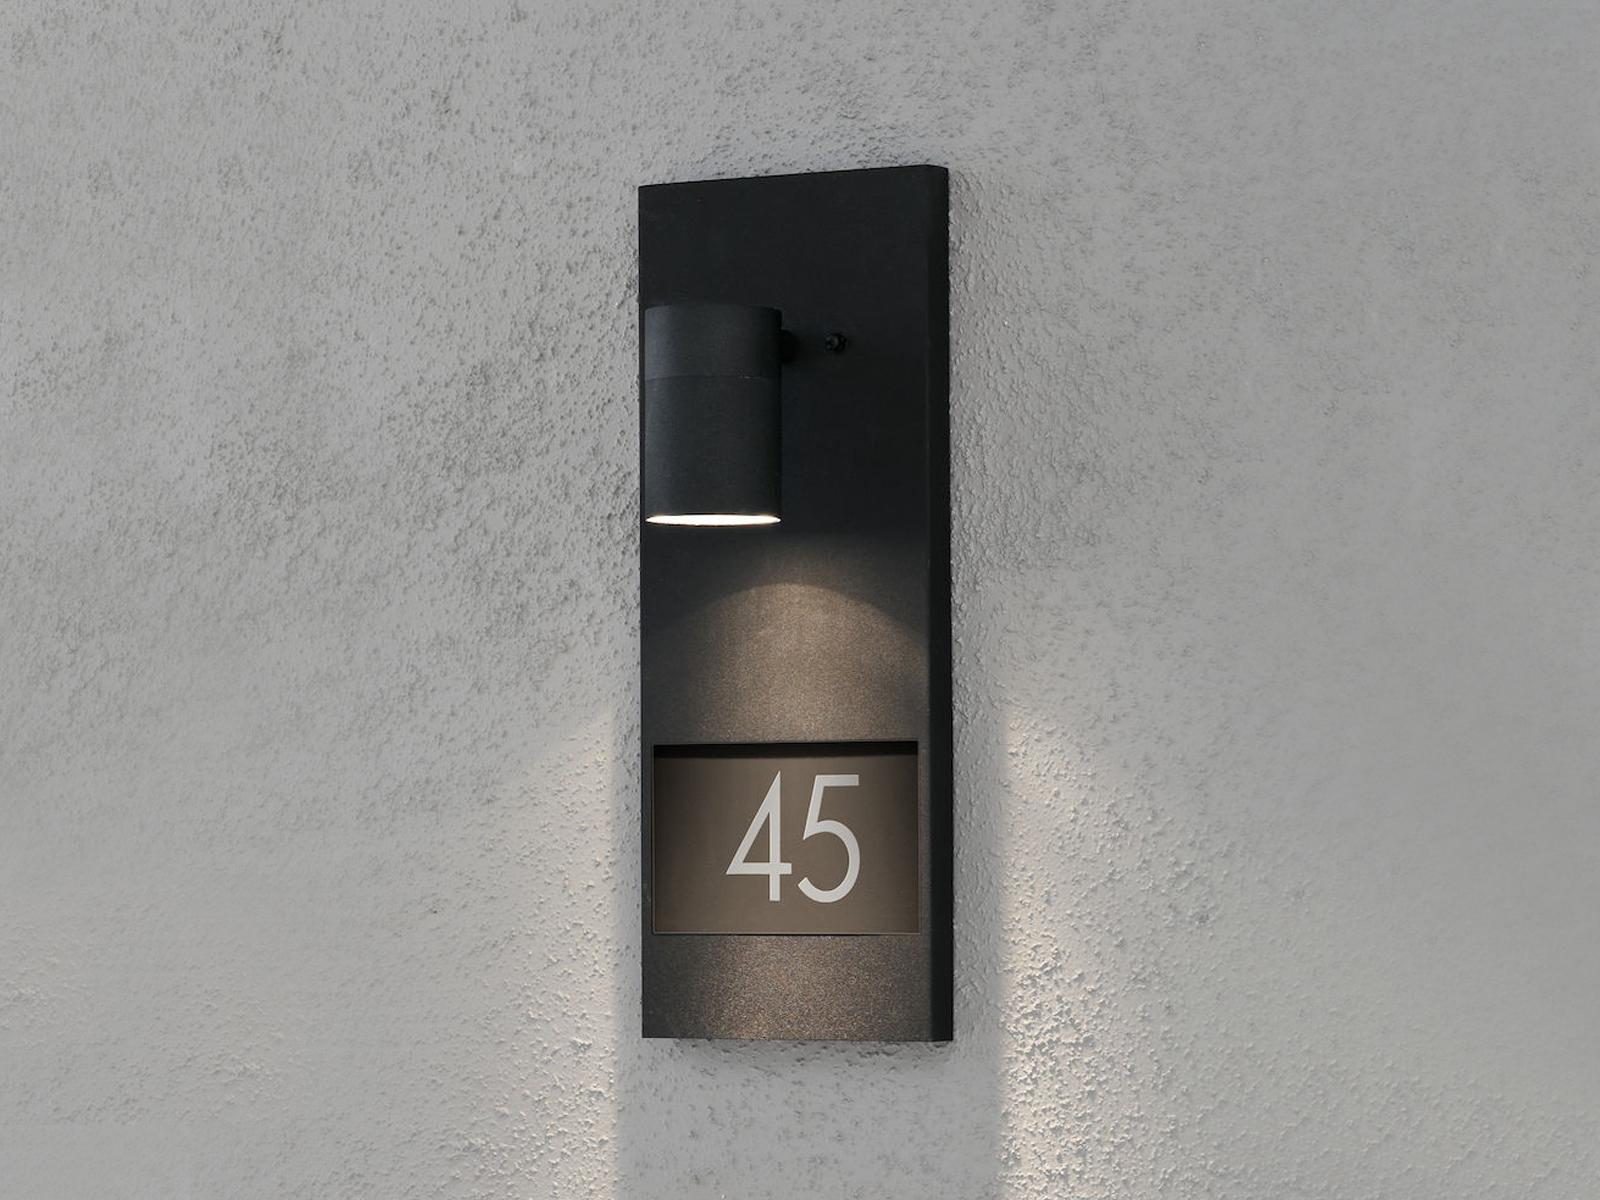 Hausnummerleuchte MODENA Alu schwarz, GU10, Höhe 41 cm, inkl. Ziffern